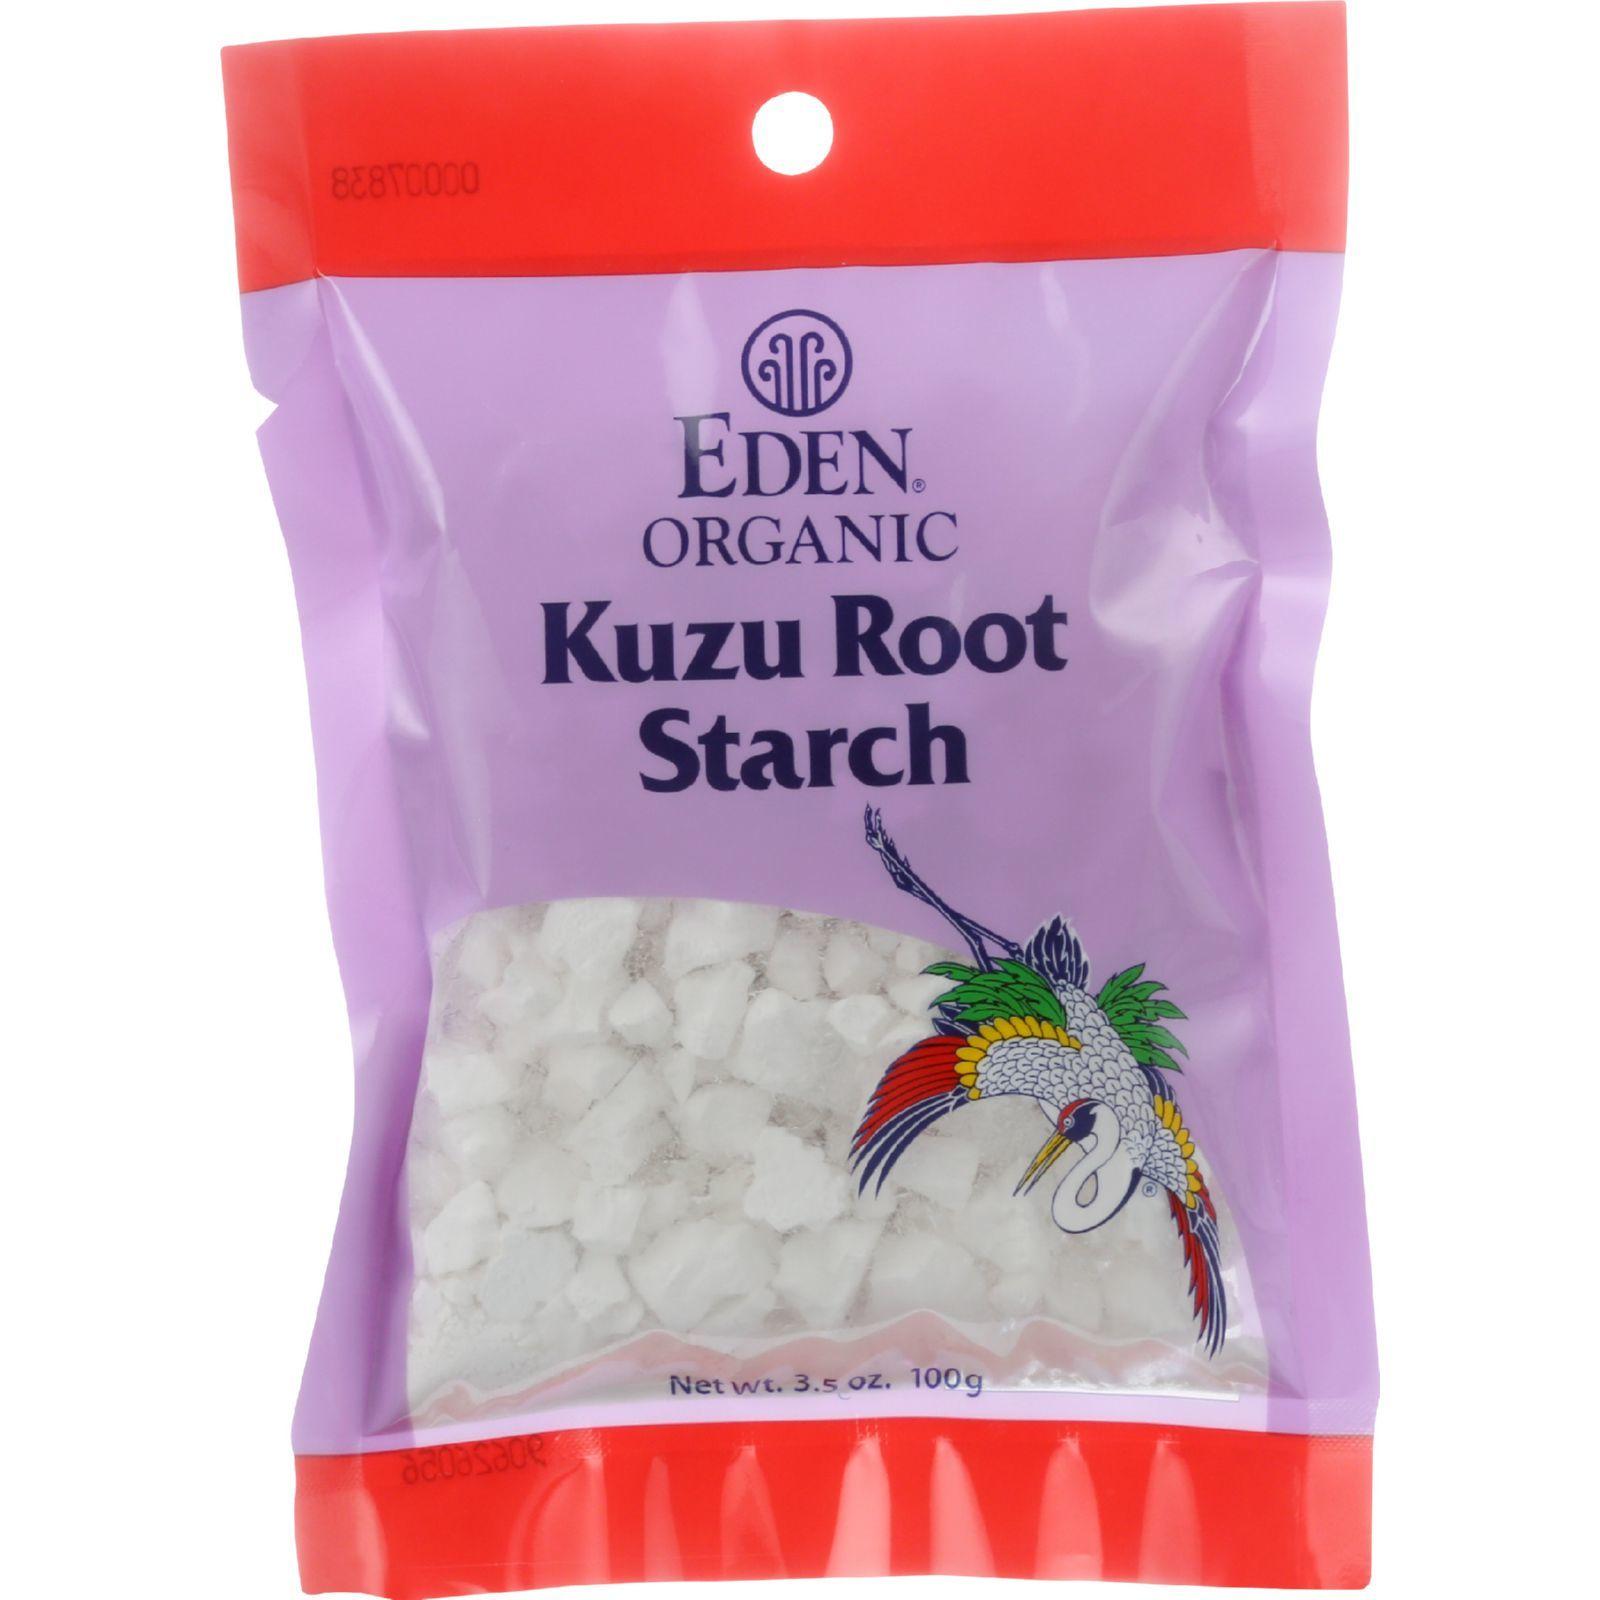 Eden Foods Kudzu Root Starch - Organic - 3.5 oz - case of 12